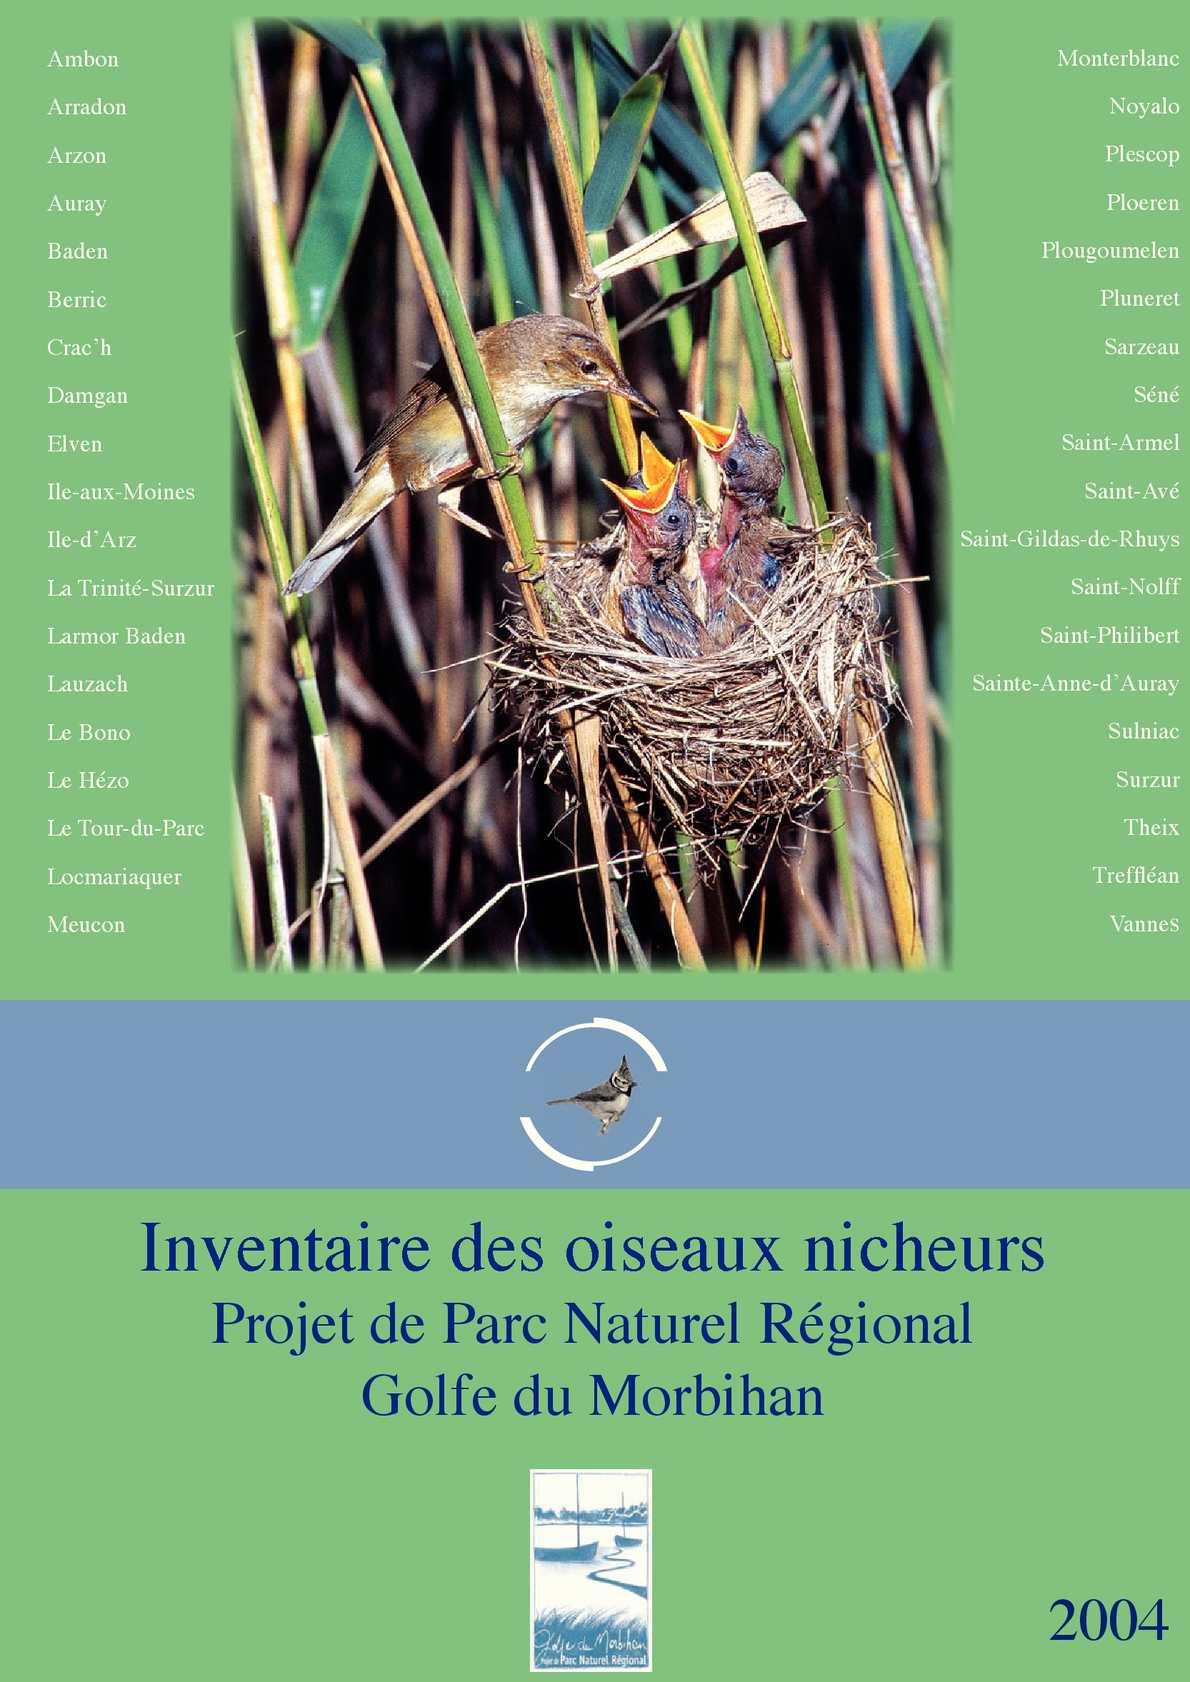 Inventaire des oiseaux nicheurs du projet de Parc Naturel Régional du Golfe du Morbihan - 2004